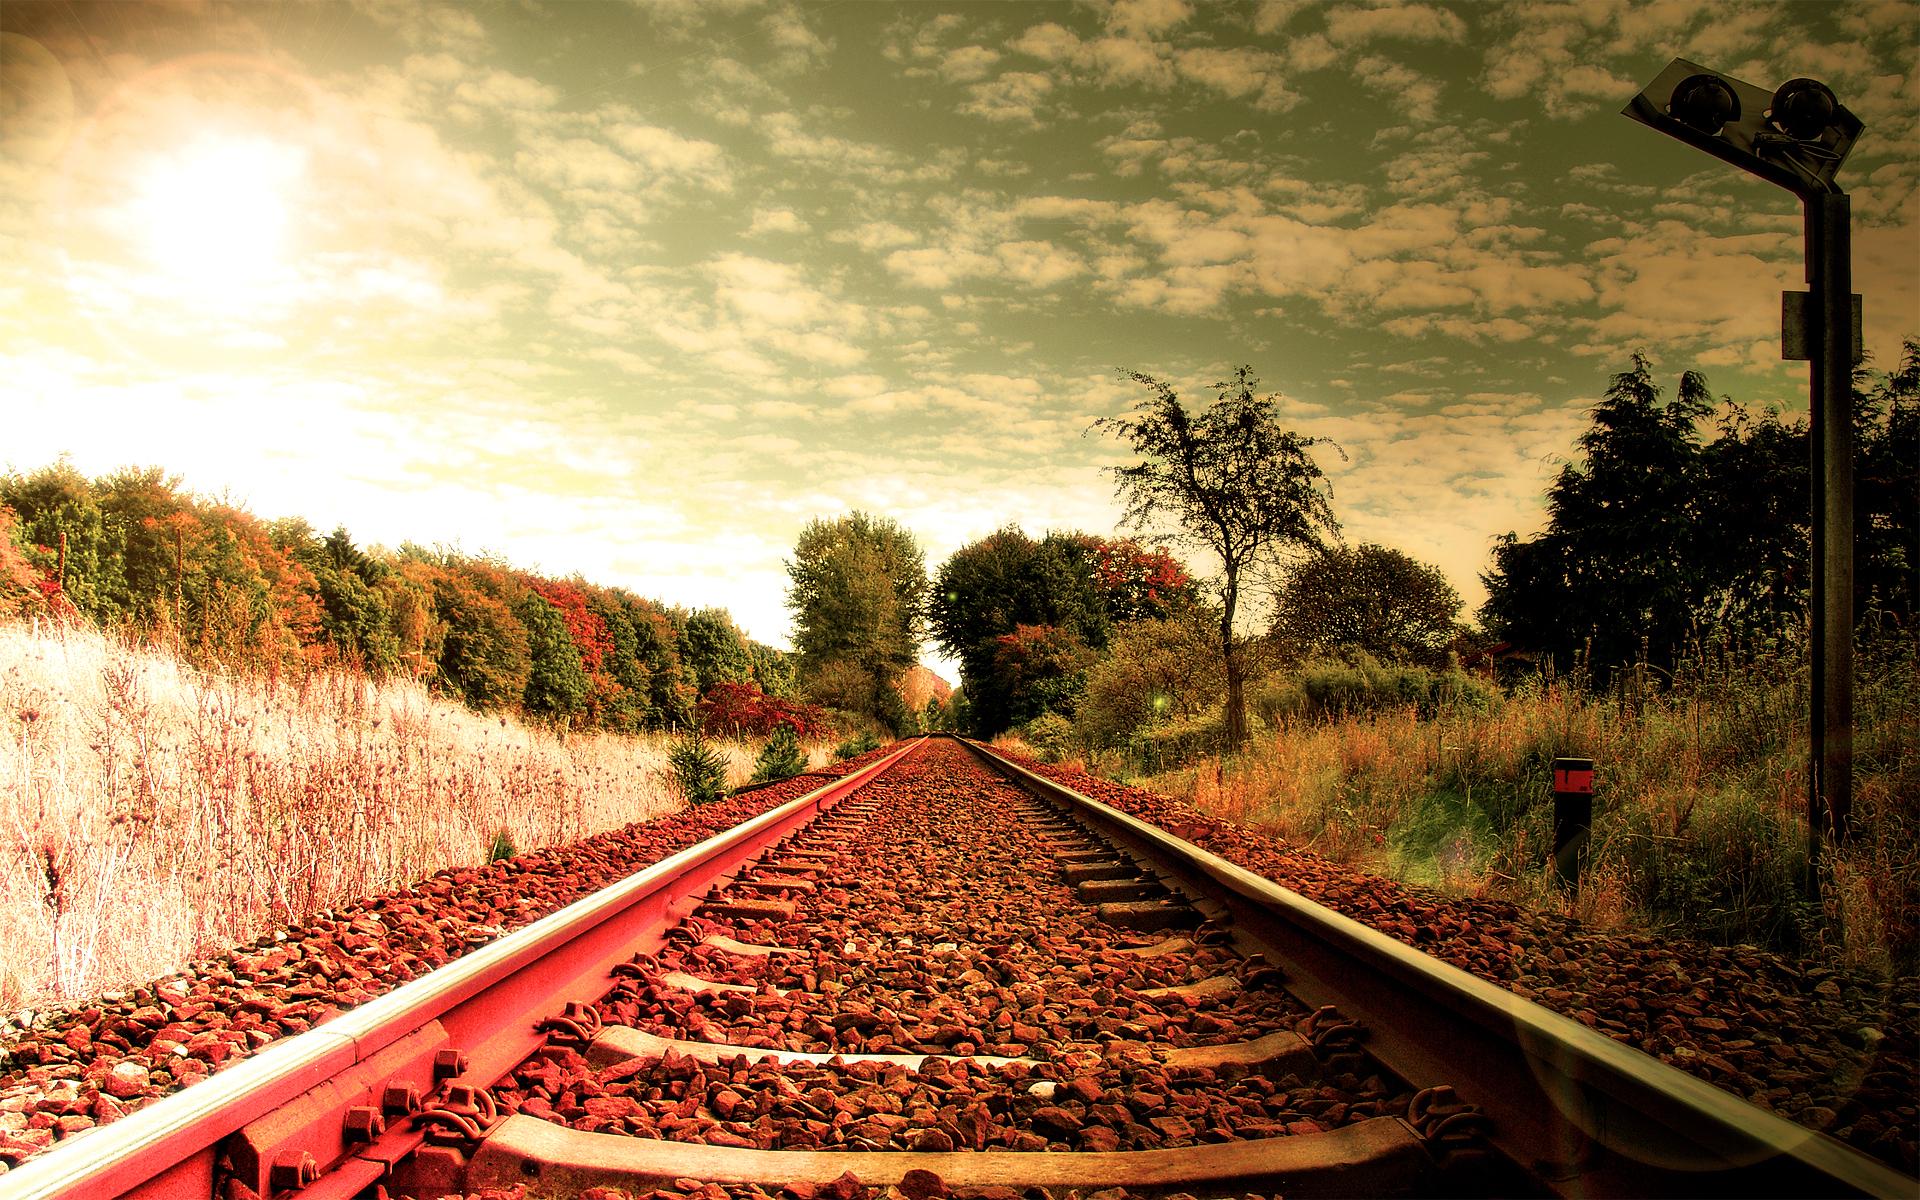 рельсы железная дорога деревья туннель  № 3118428 без смс